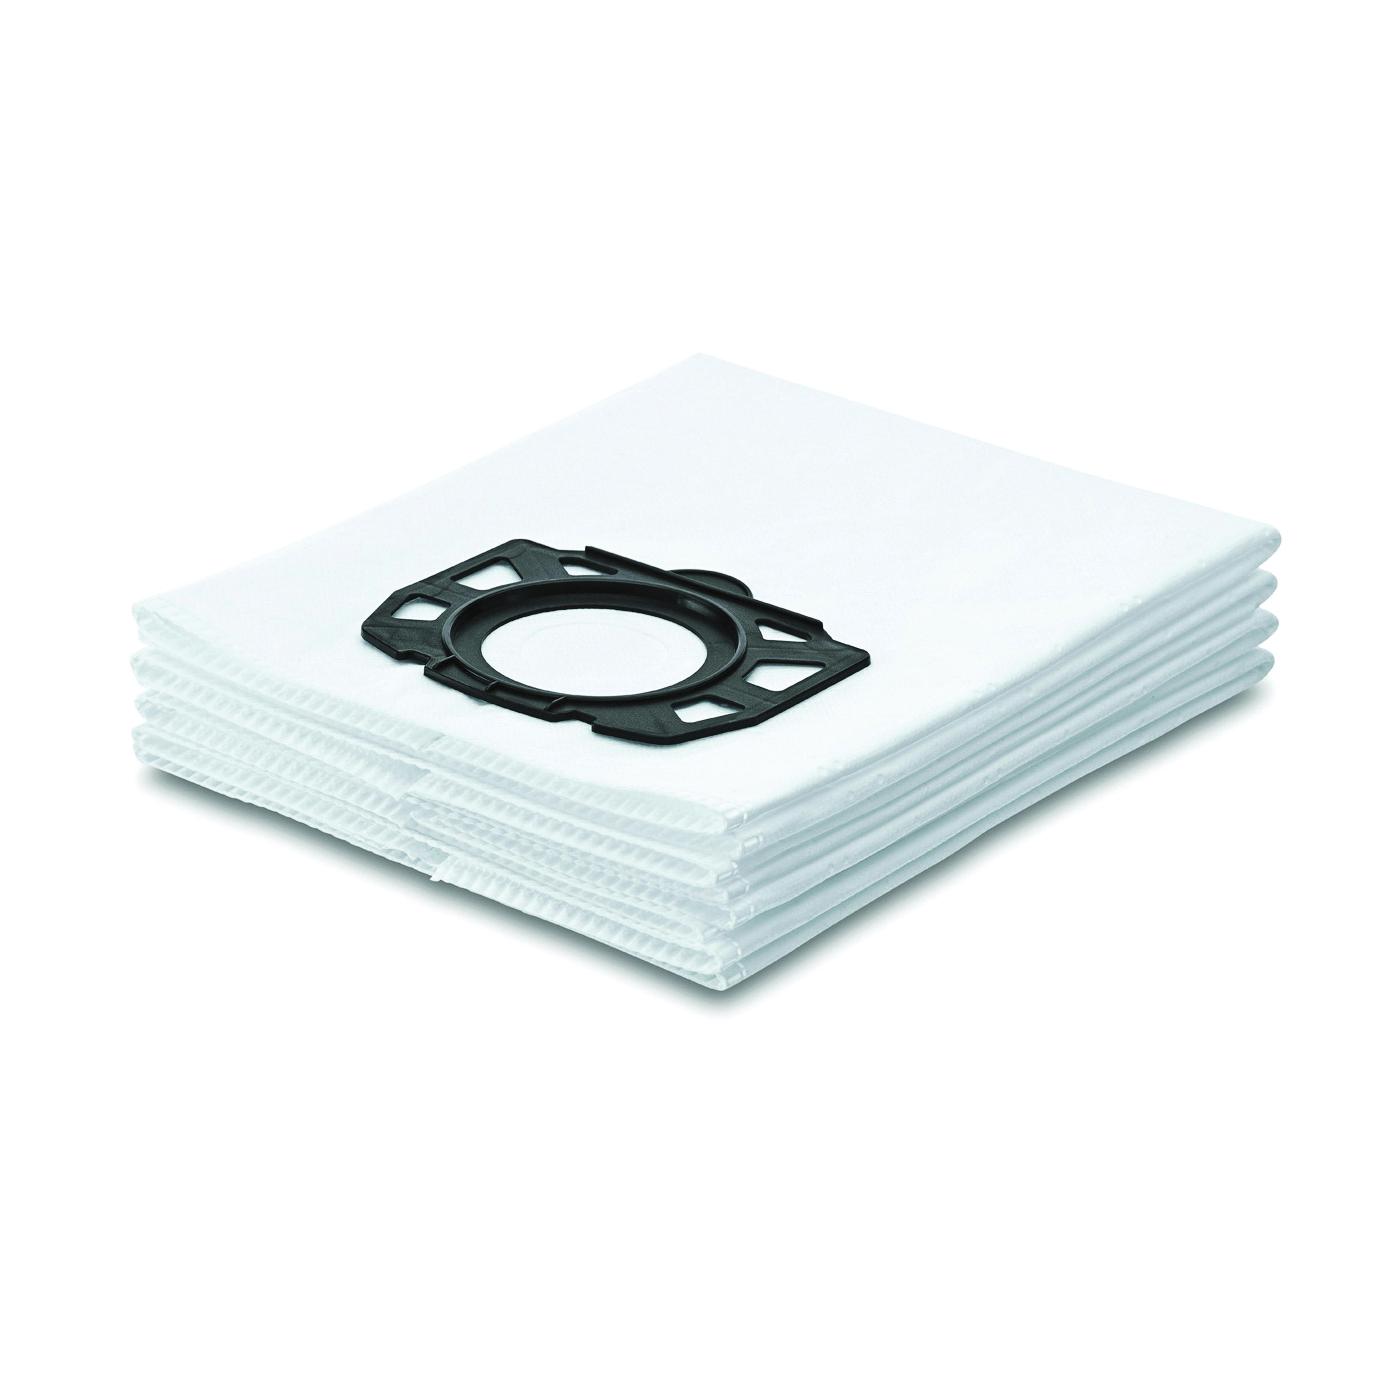 Picture of Karcher 8.924-221.0 Filter Bag, Paper